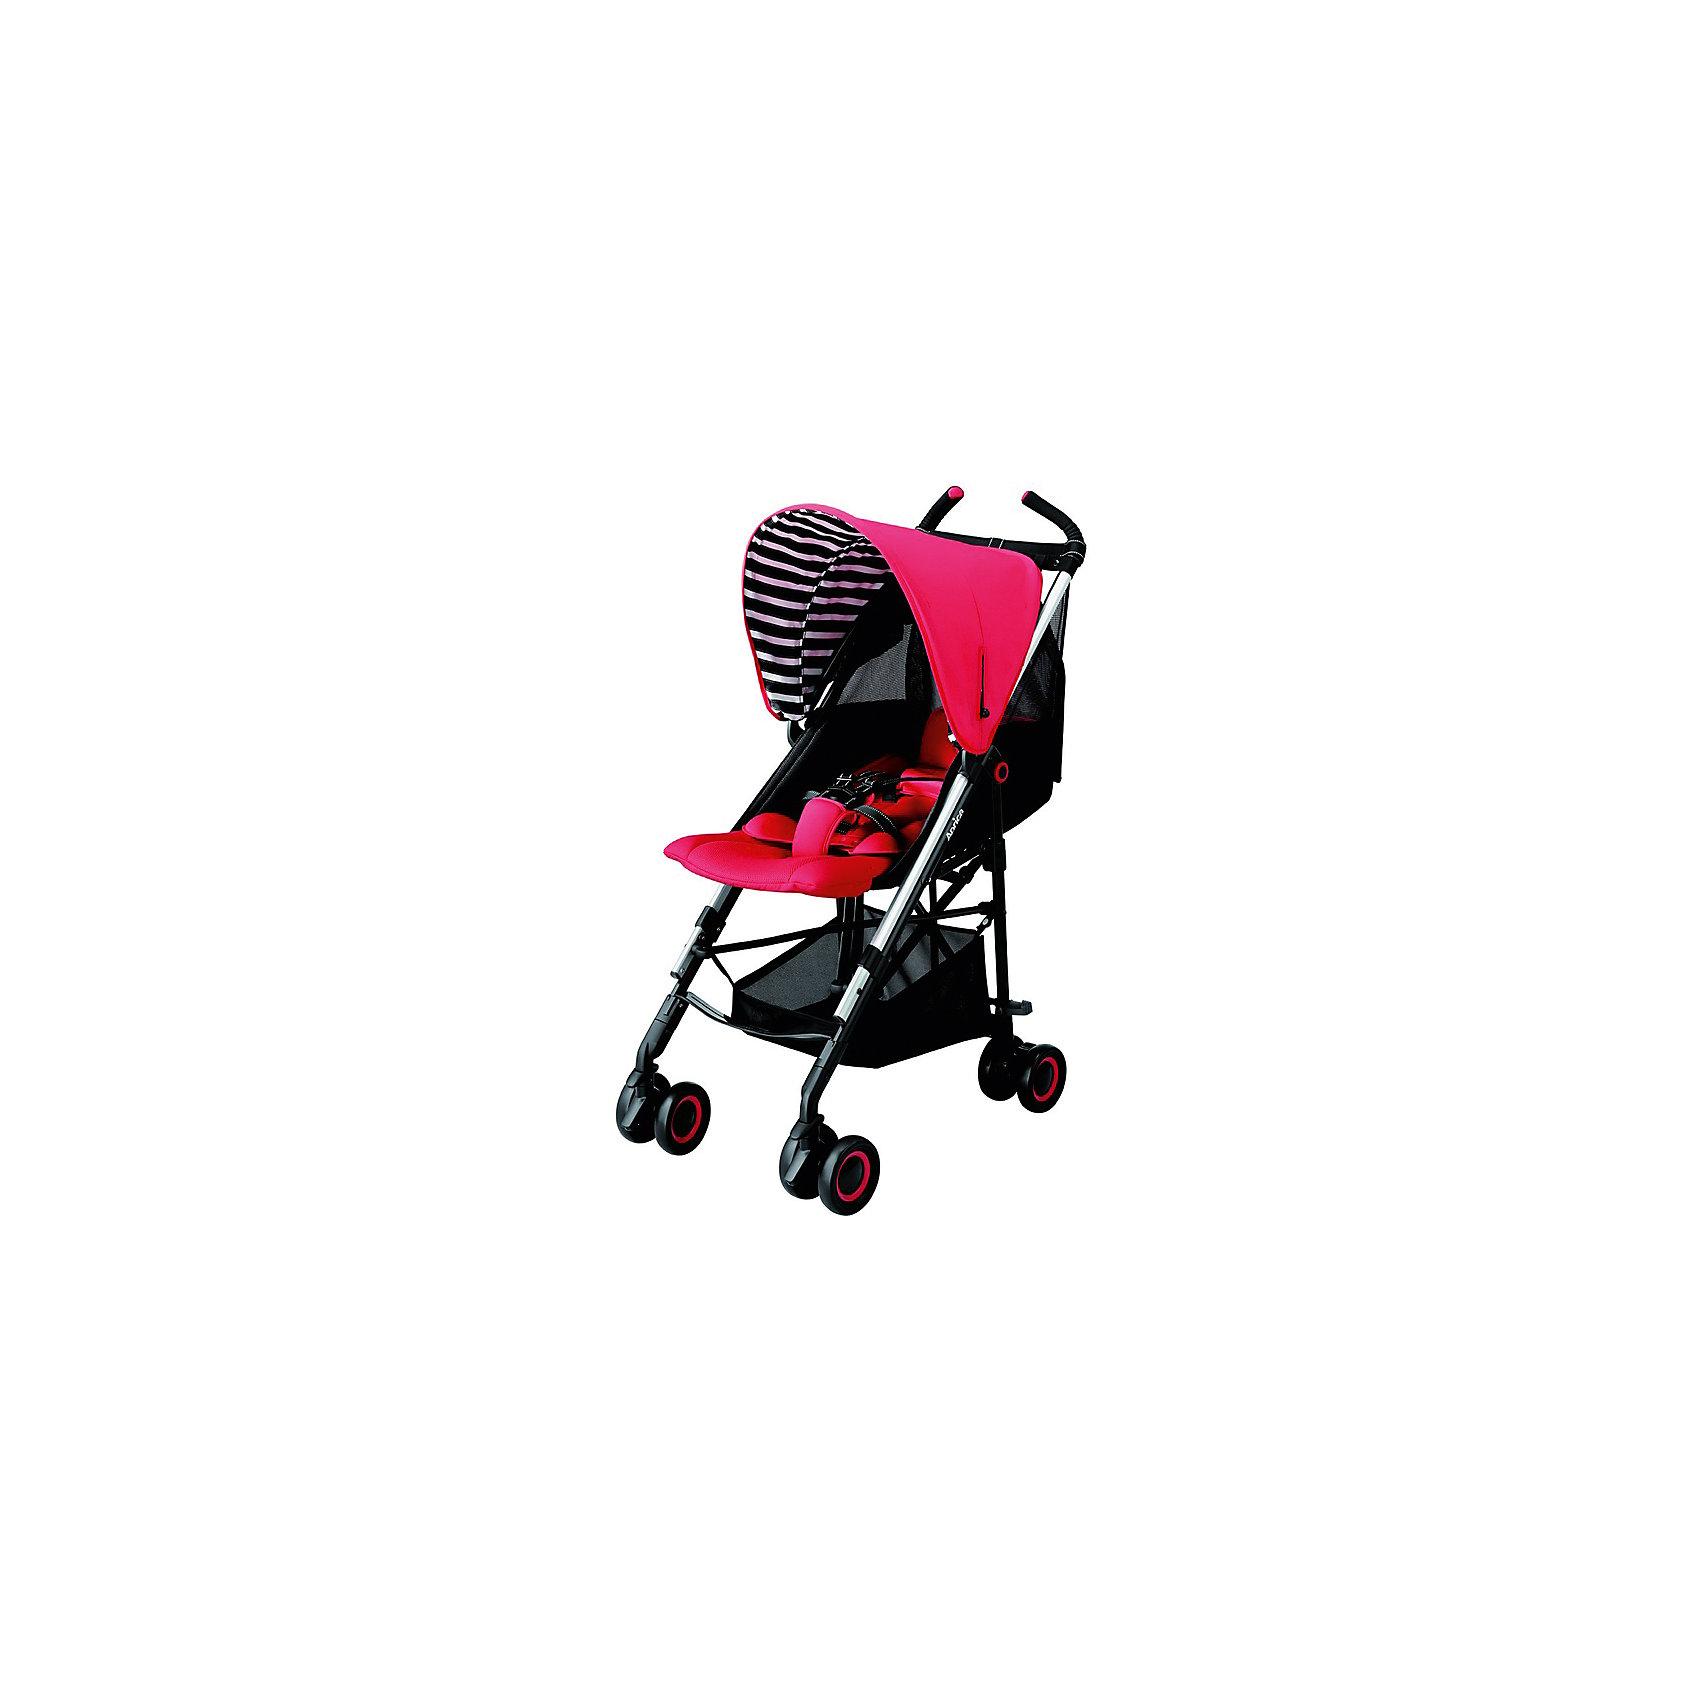 Коляска-трость STICK True Red, Aprica, красныйХарактеристики коляски Aprica STICK<br><br>Прогулочный блок: <br><br>• регулируемые по длине 5-ти точечные ремни безопасности;<br>• регулируемый наклон спинки, угол наклона 110-140 градусов;<br>• глубокий капюшон оснащен широким солнцезащитным козырьком;<br>• на капюшоне находится смотровое окошко; <br>• материал: пластик, полиэстер;<br>• высота сиденья от земли: 50 см.<br><br>Шасси коляски: <br><br>• сдвоенные колеса коляски, 4 пары, всего 8 шт.;<br>• передние колеса поворотные с блокировкой;<br>• тип тормоза: ножной;<br>• механизм складывания: трость;<br>• коляска складывается и раскладывается одной рукой;<br>• рама складывается вместе с прогулочным блоком;<br>• коляска оснащена плечевым ремнем для переноски на плече в сложенном виде;<br>• материал рамы: алюминий.<br><br>Размер коляски: 49х86х105 см<br>Размер коляски в сложенном виде: 32х26х99 см<br>Вес коляски: 5,9 кг<br><br>Комплектация:<br><br>• прогулочная коляска STICK;<br>• инструкция. <br><br>Коляску-трость STICK True Red, Aprica, цвет красный можно купить в нашем интернет-магазине.<br><br>Ширина мм: 550<br>Глубина мм: 380<br>Высота мм: 1070<br>Вес г: 7600<br>Возраст от месяцев: 0<br>Возраст до месяцев: 36<br>Пол: Унисекс<br>Возраст: Детский<br>SKU: 5451747